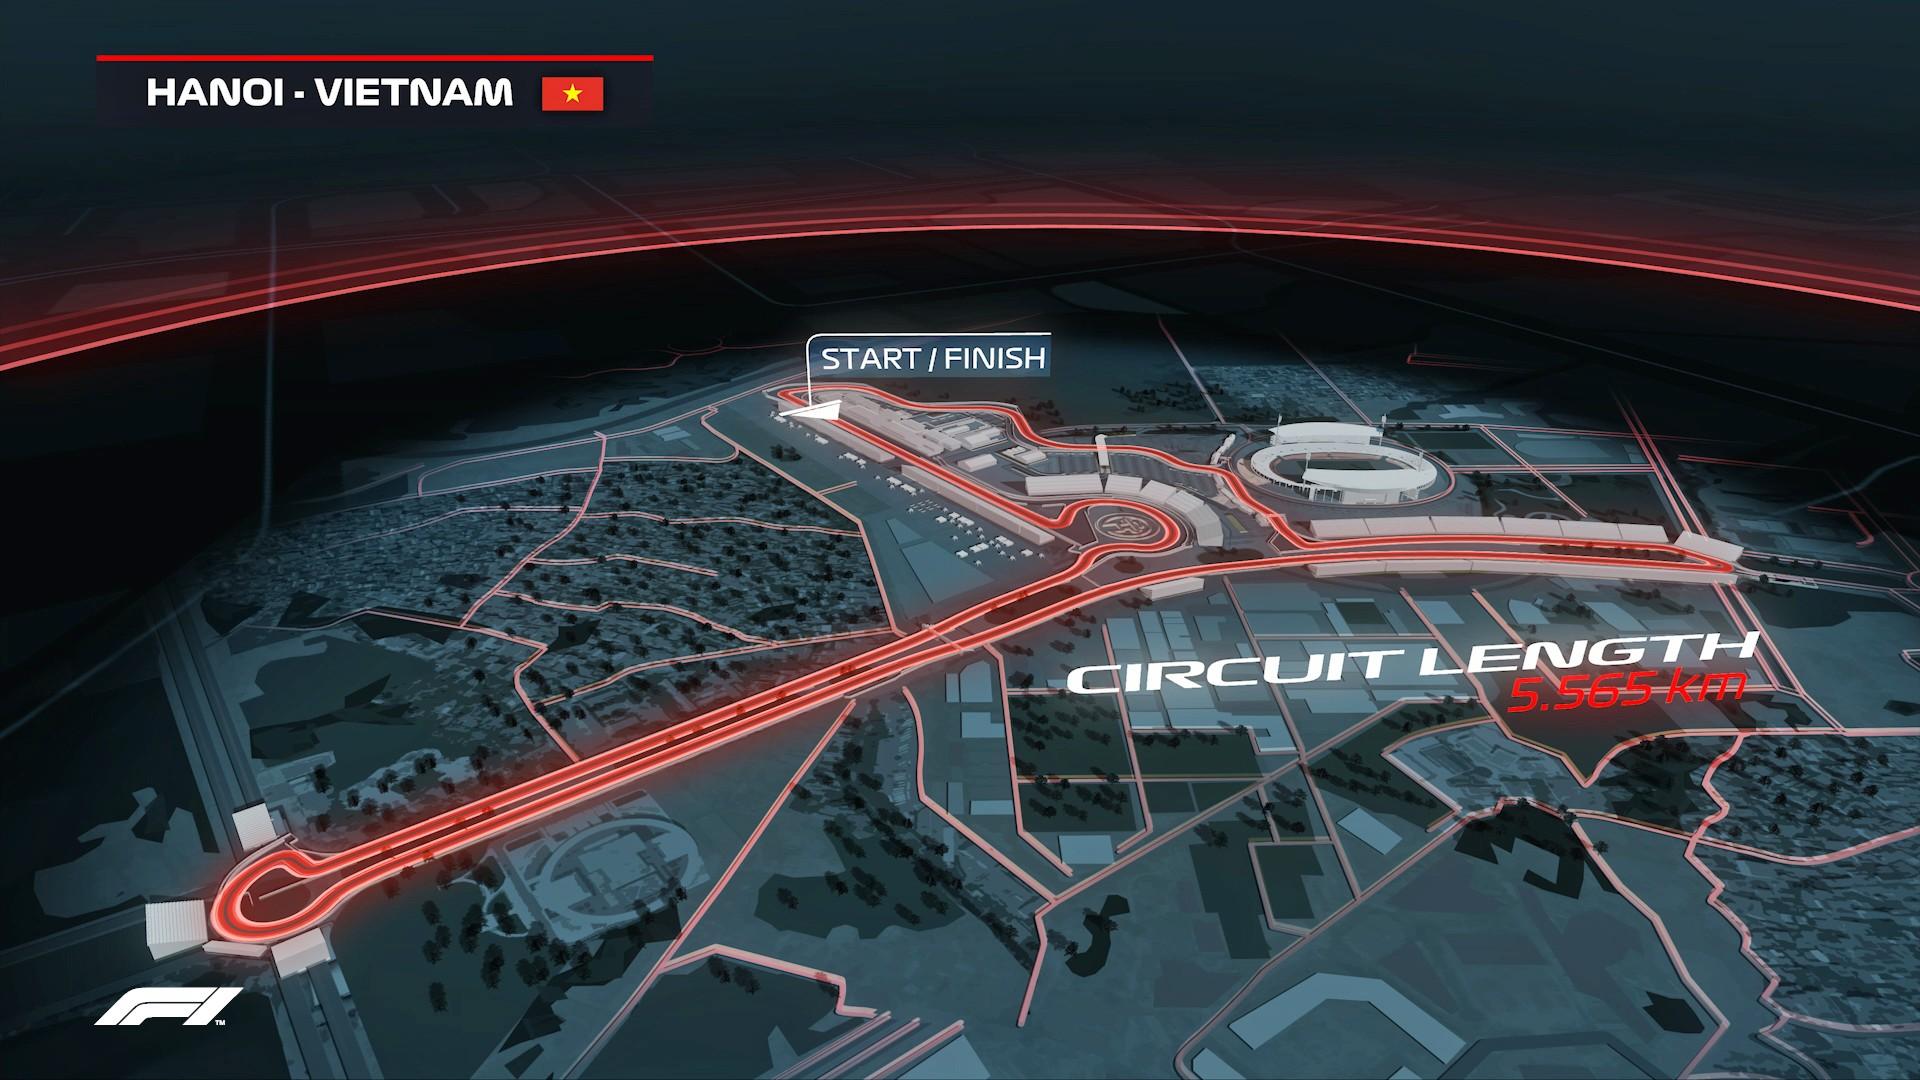 Vietnam Grand Prix 10